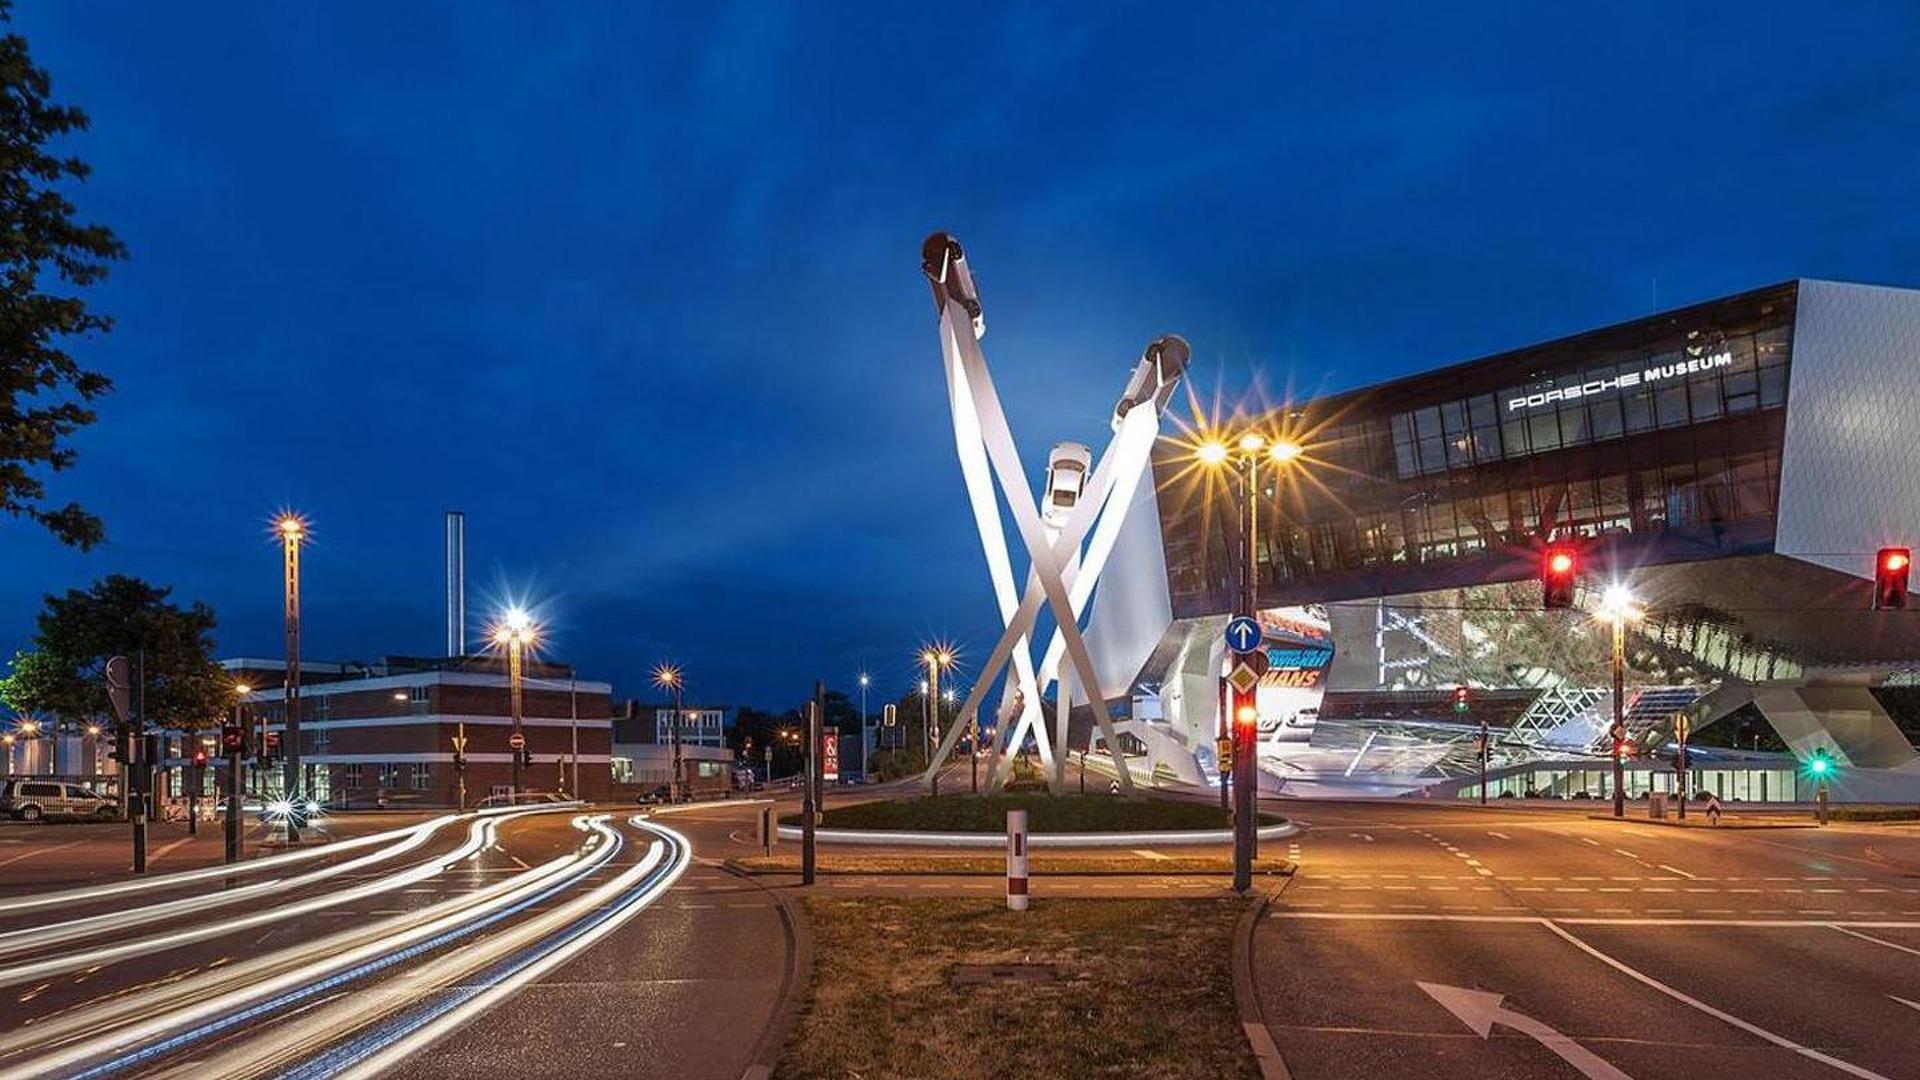 Porsche unveils their new 911 sculpture